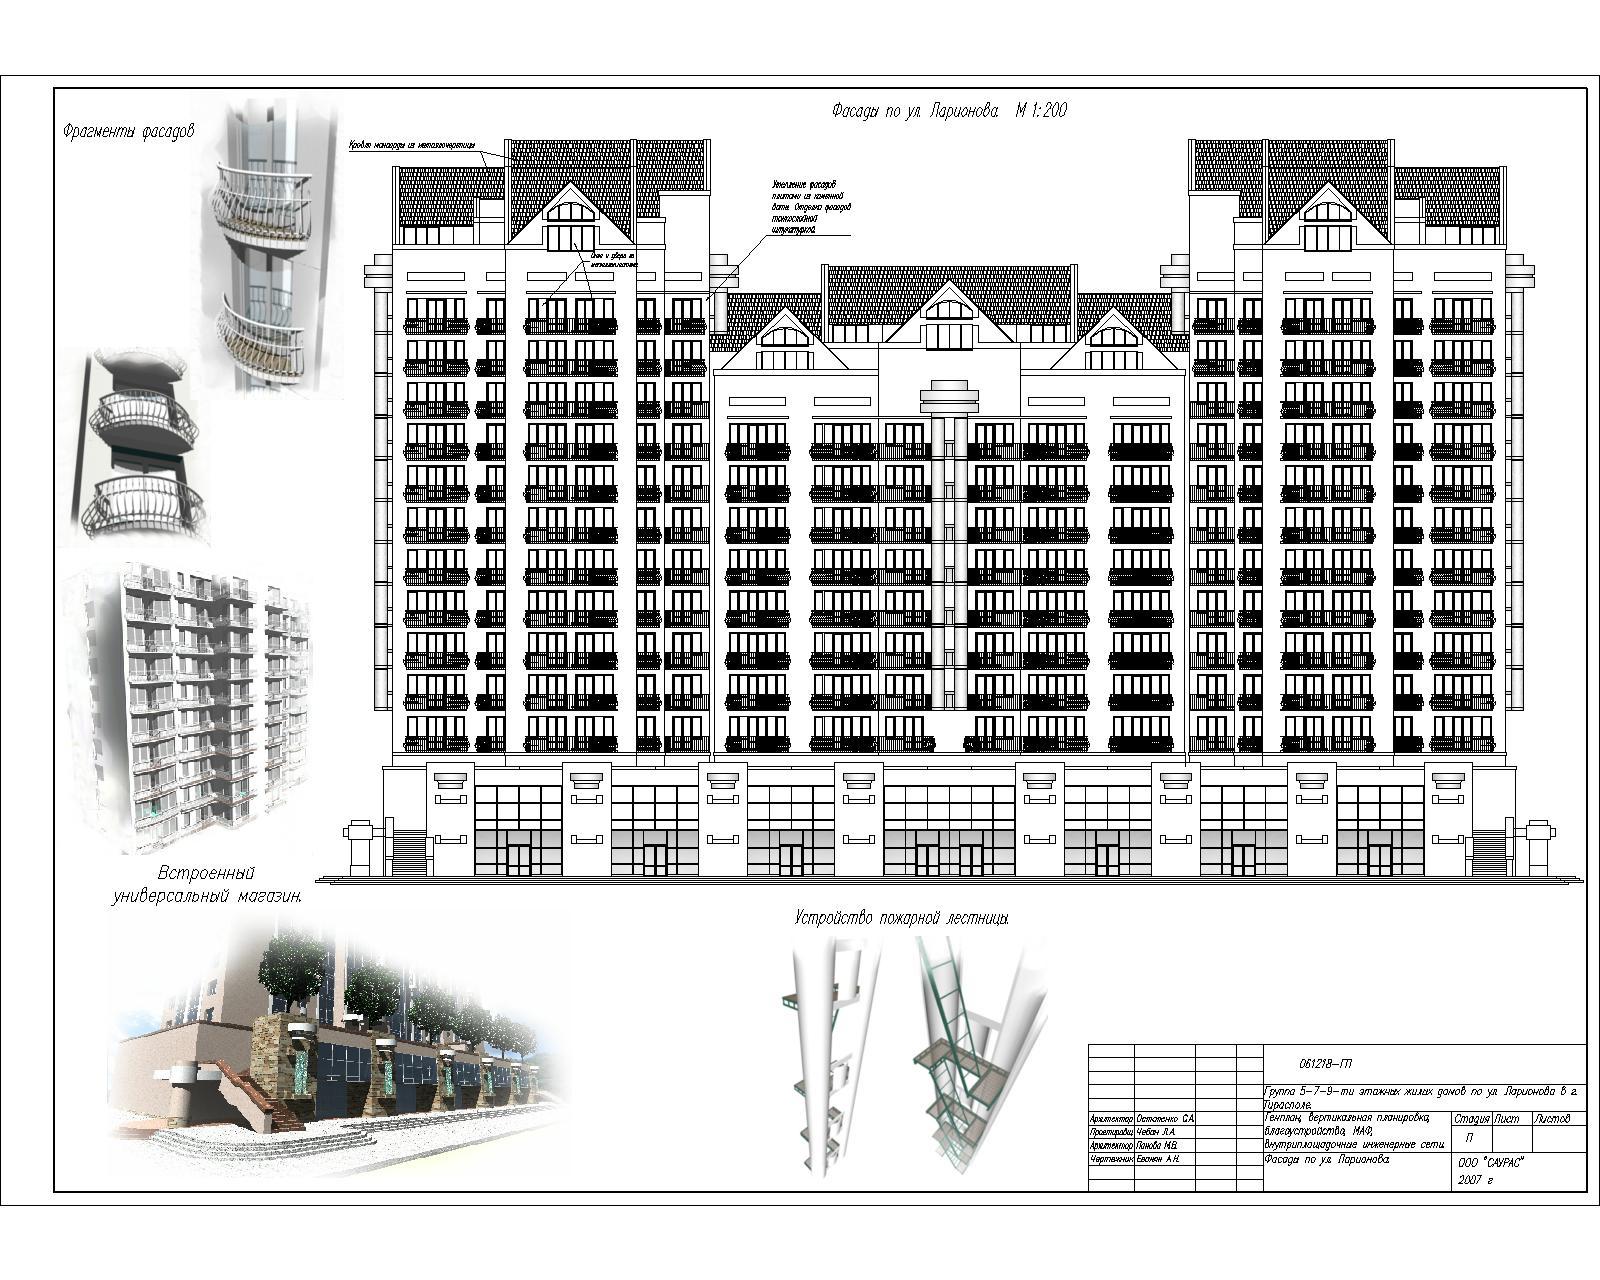 Генплан. Группа 5-7-9-ти этажных жилых домов. г. Тирасполь.